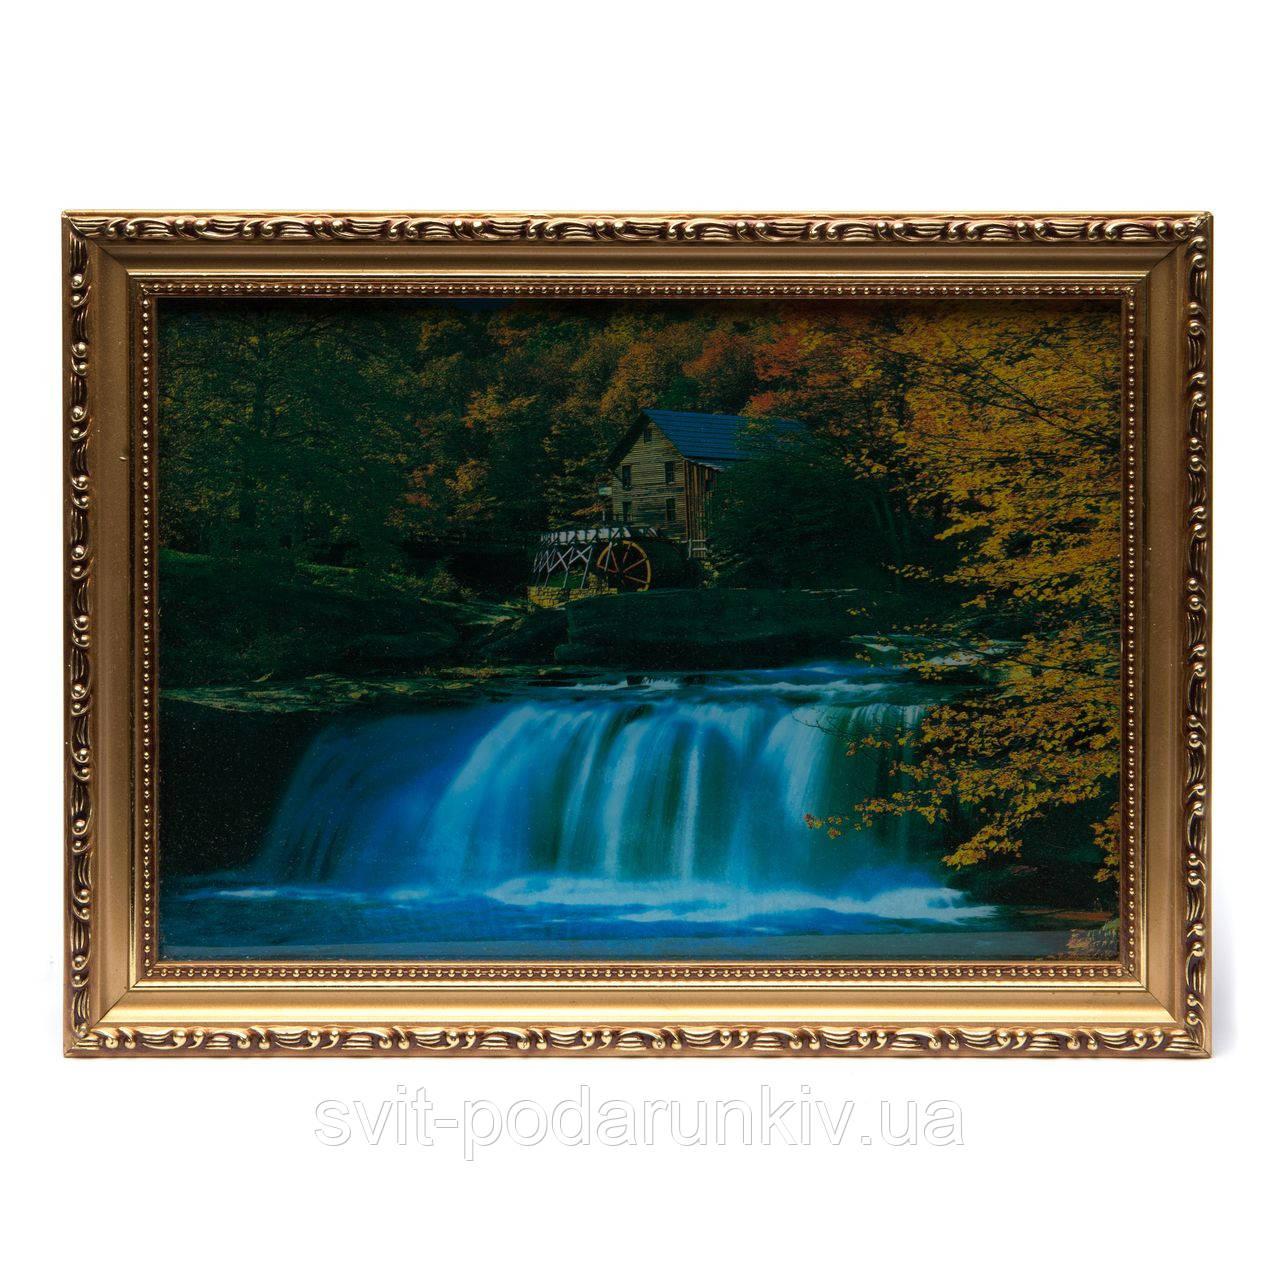 Картини з водоспадом №1 50*30 (5 мод)